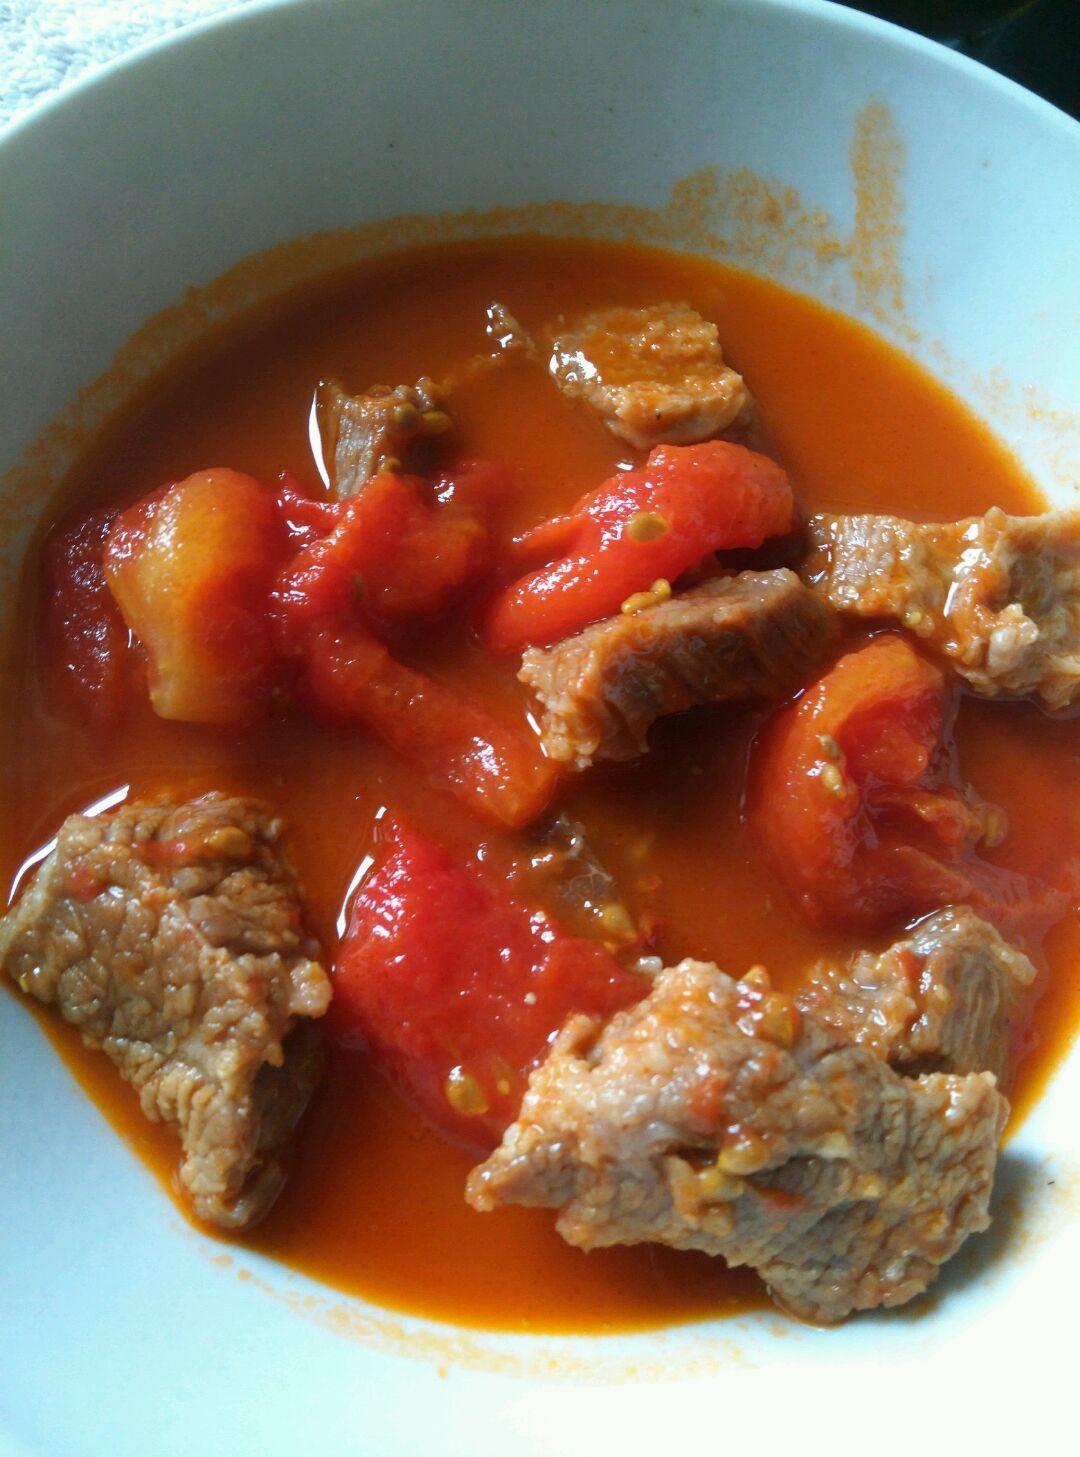 番茄牛腩的做法_【圖解】番茄牛腩怎么做如何做好吃_番茄牛腩家常做法大全_哪個昵稱好呢_豆果美食